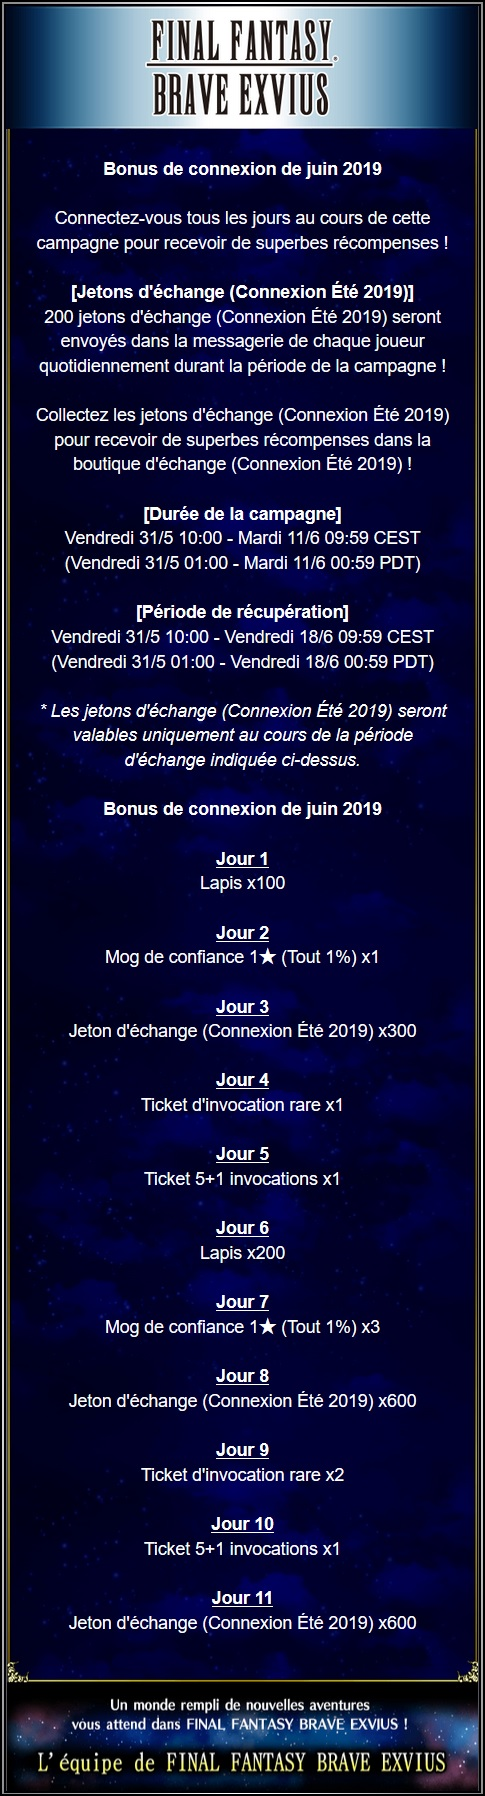 Bonus de connexion de Juin 2019 - du 31/05 au 11/06/19 Captu154